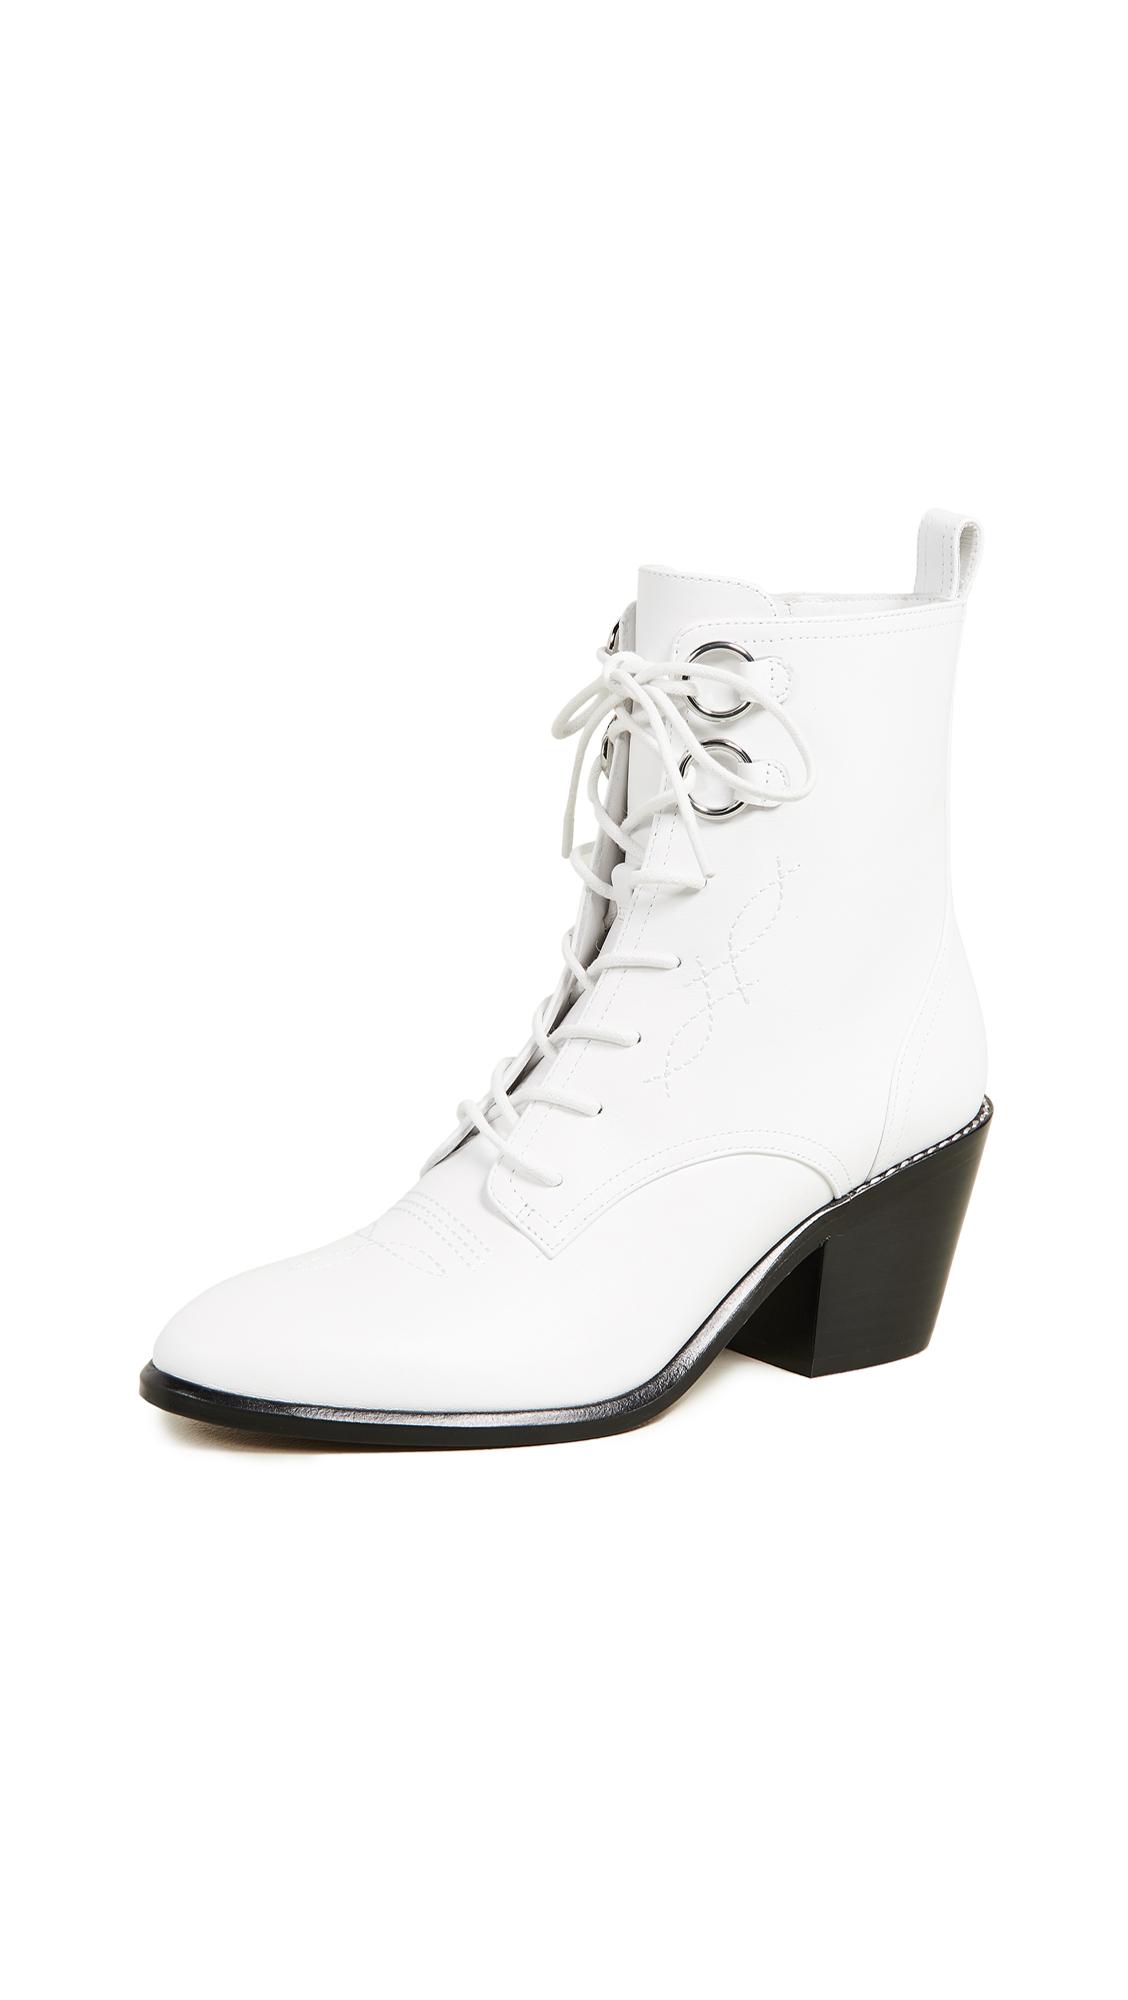 Diane von Furstenberg Dakota Boots - White